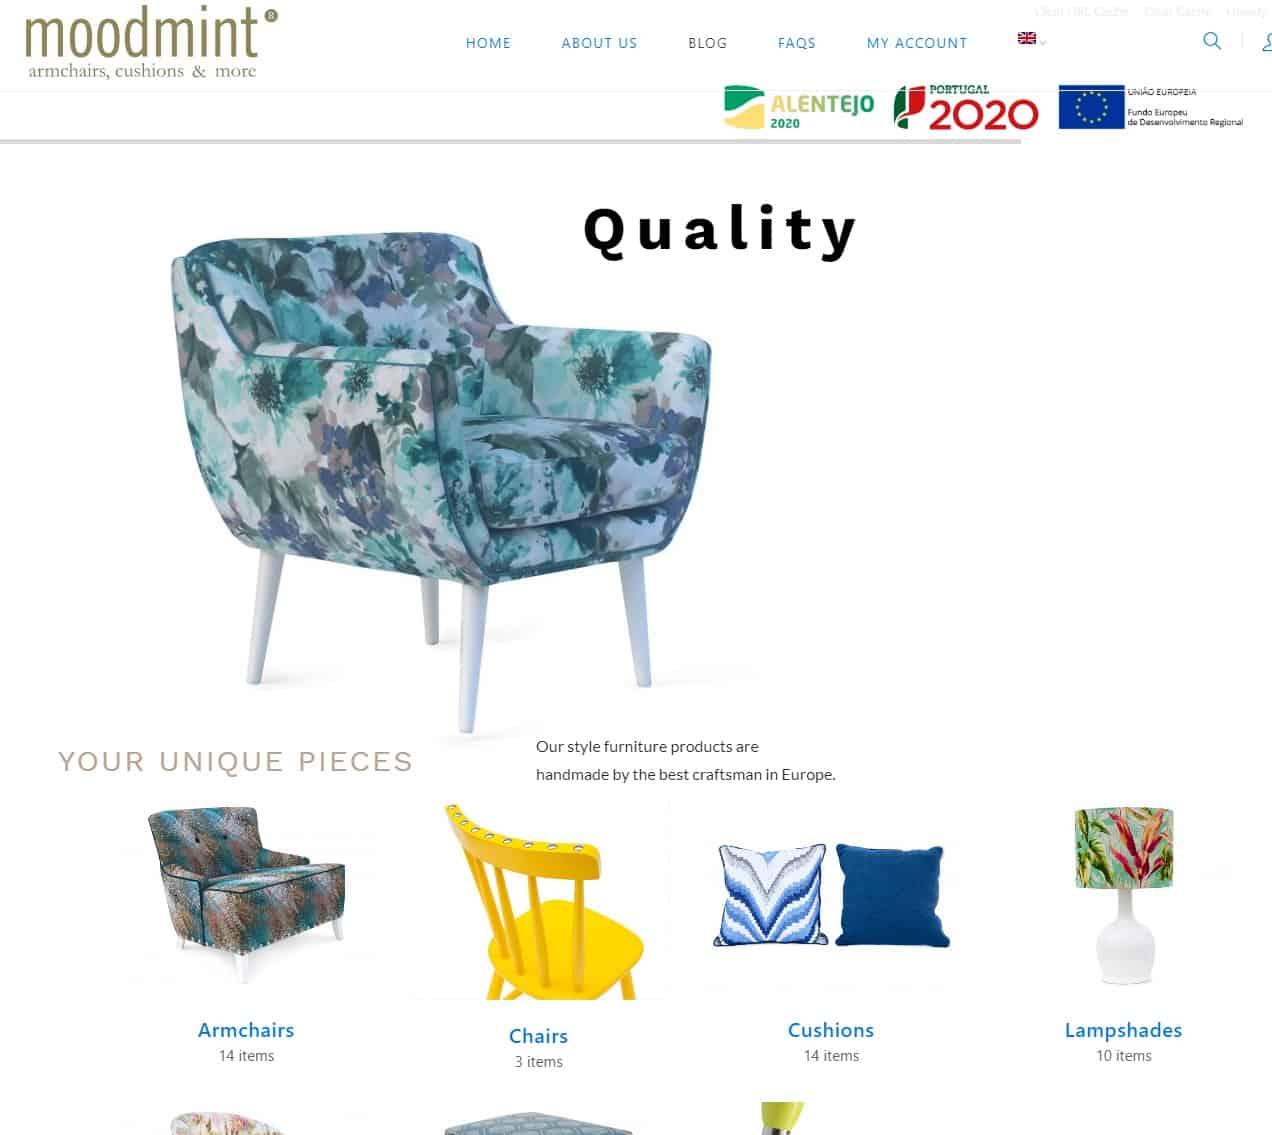 Moodmintdesign.com